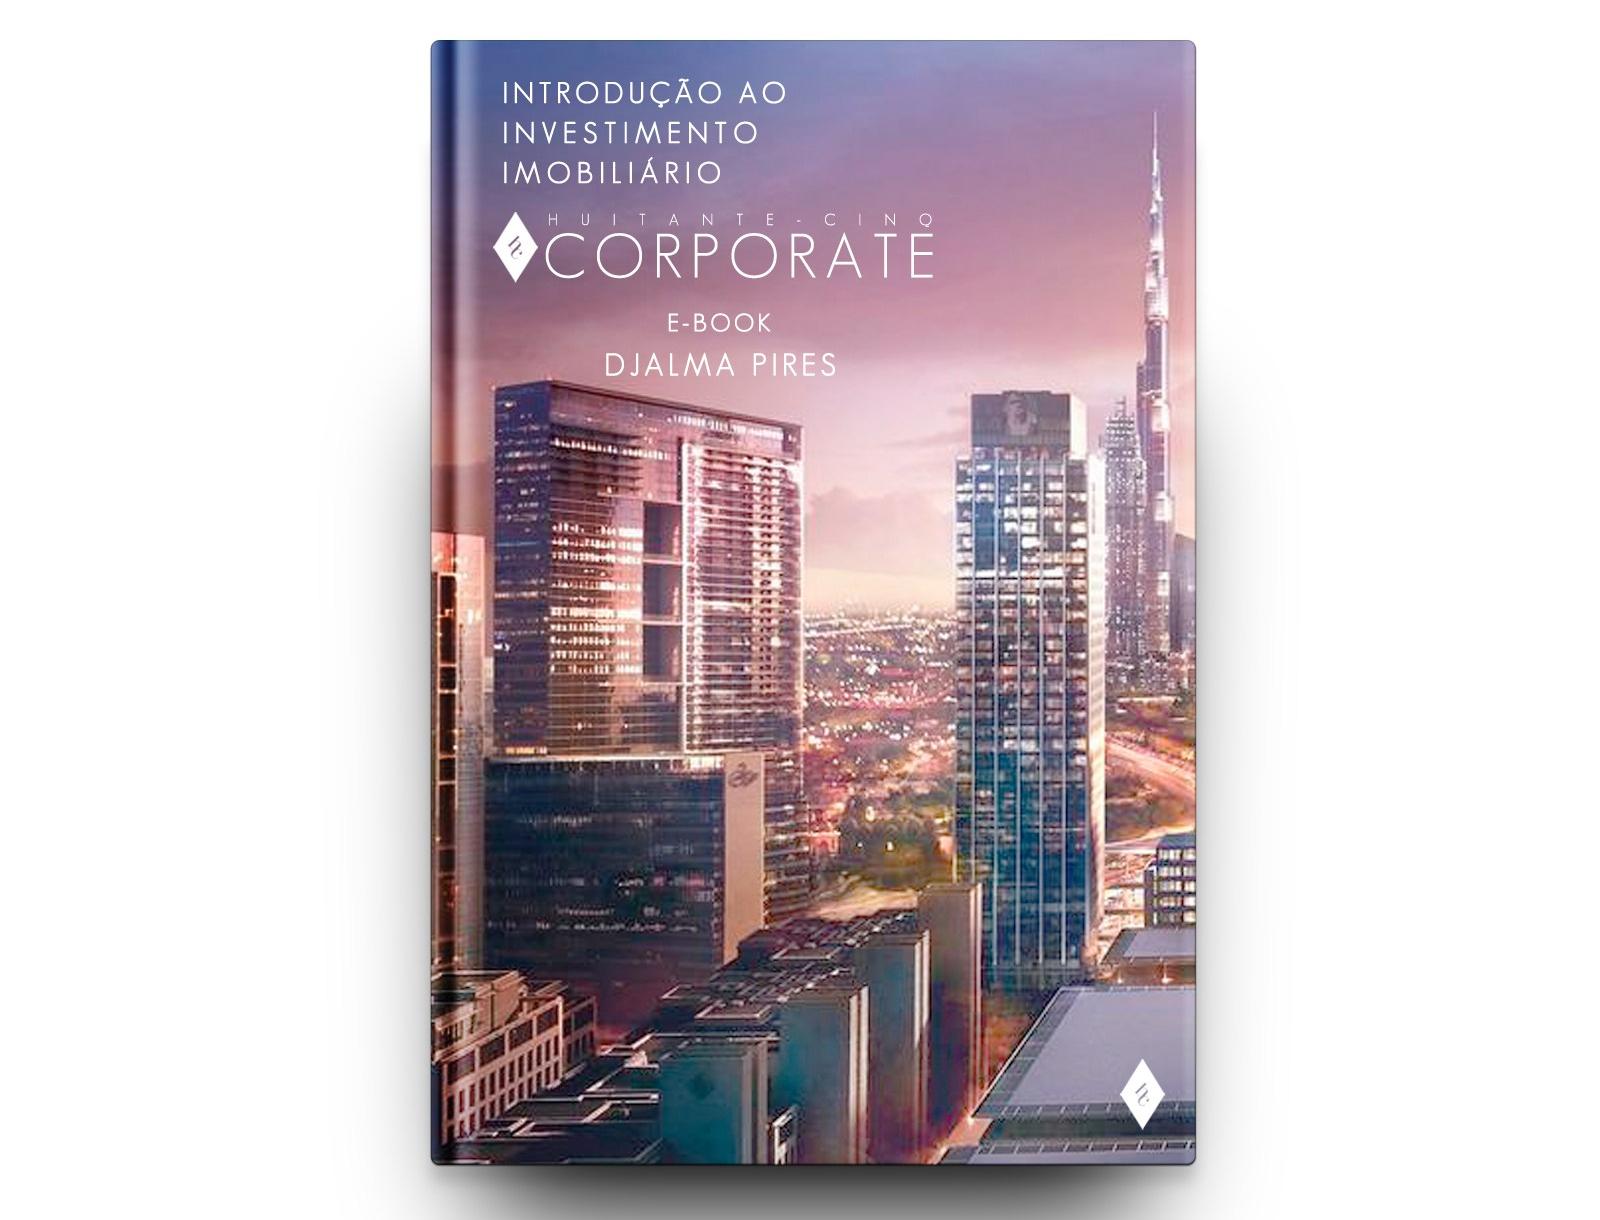 E-Book: Introdução ao Investimento Imobiliário